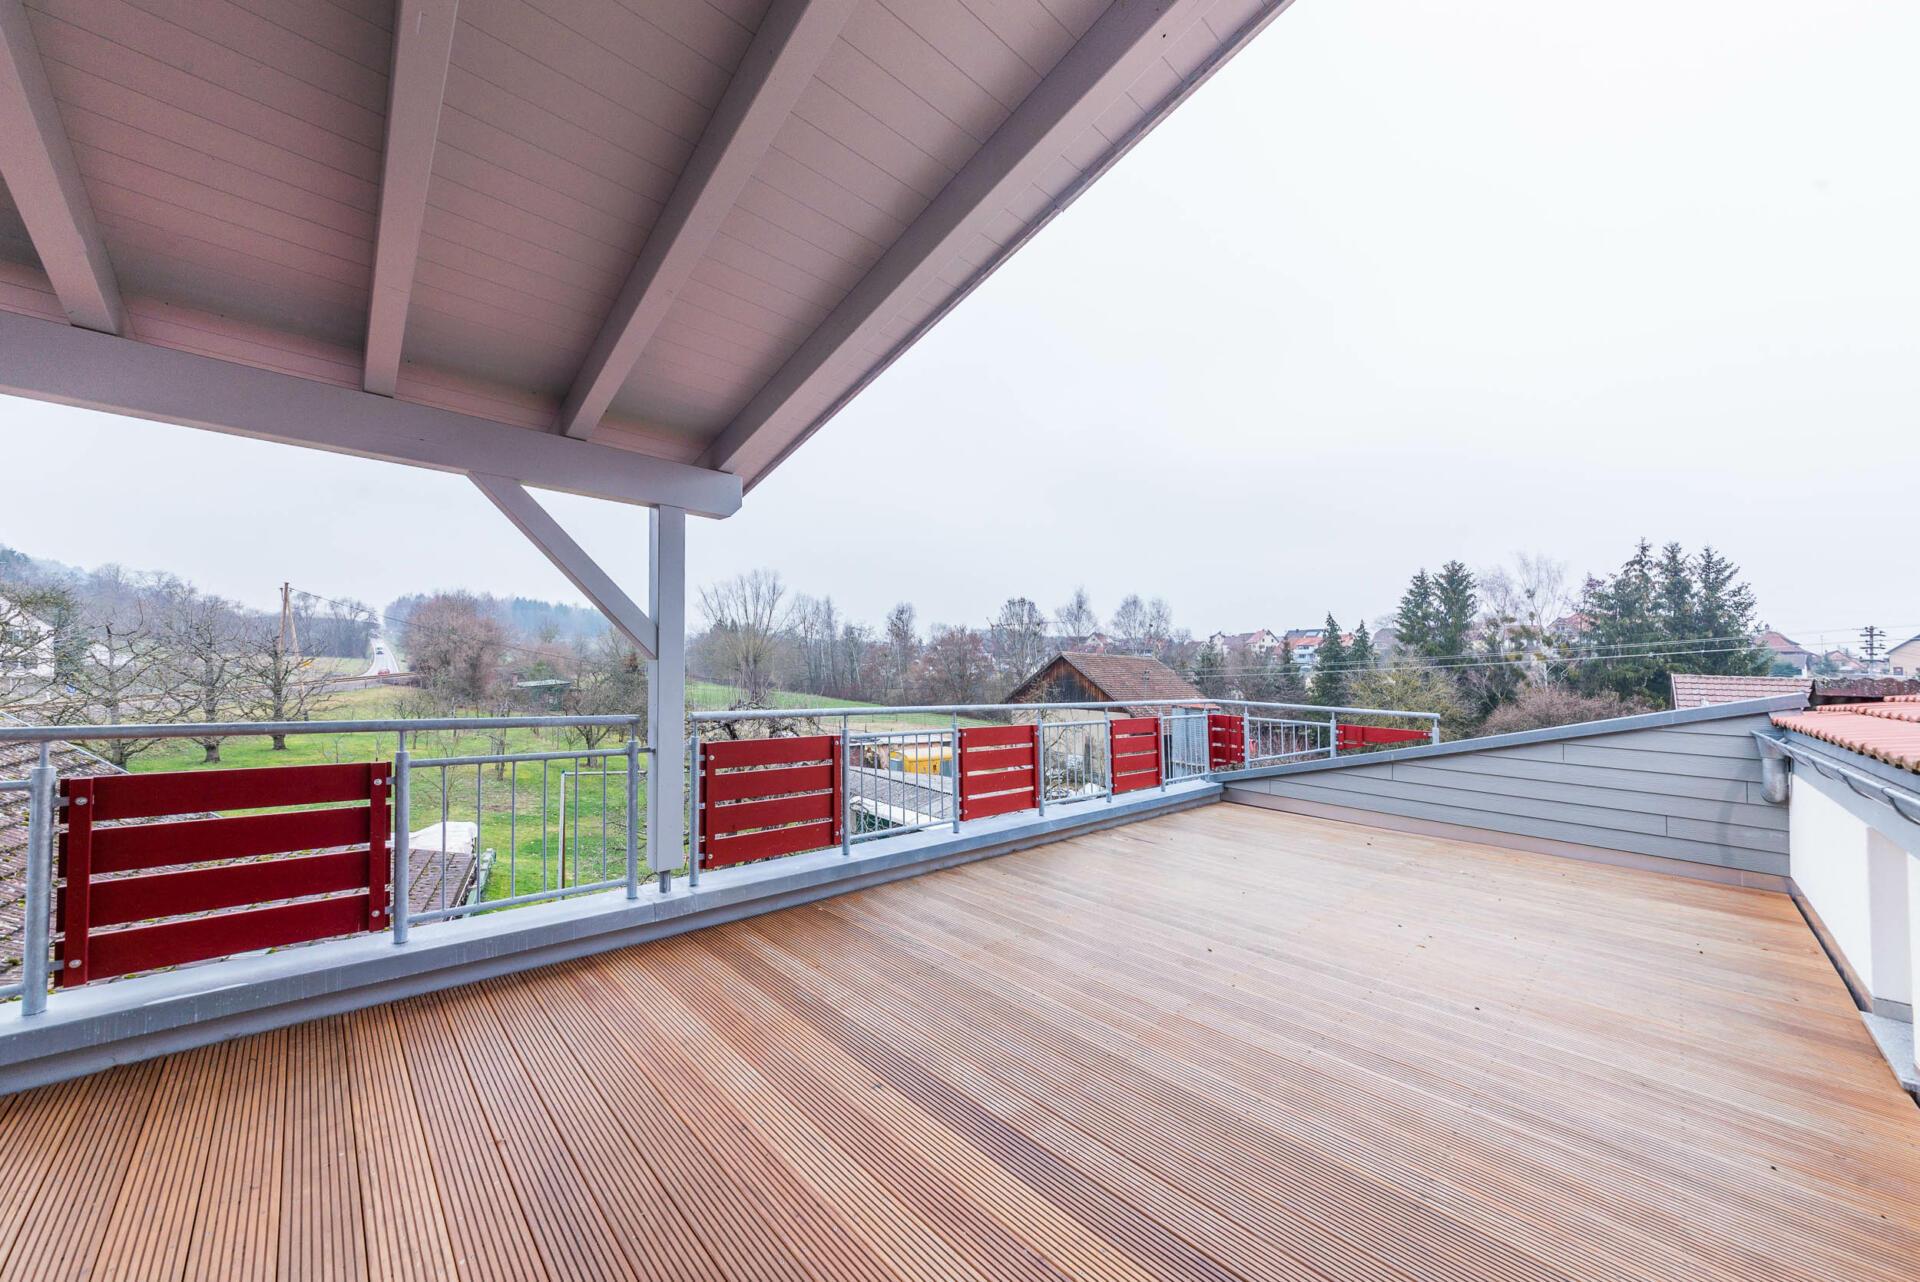 Ferienwohnung ReiseLUST: Dachterrasse